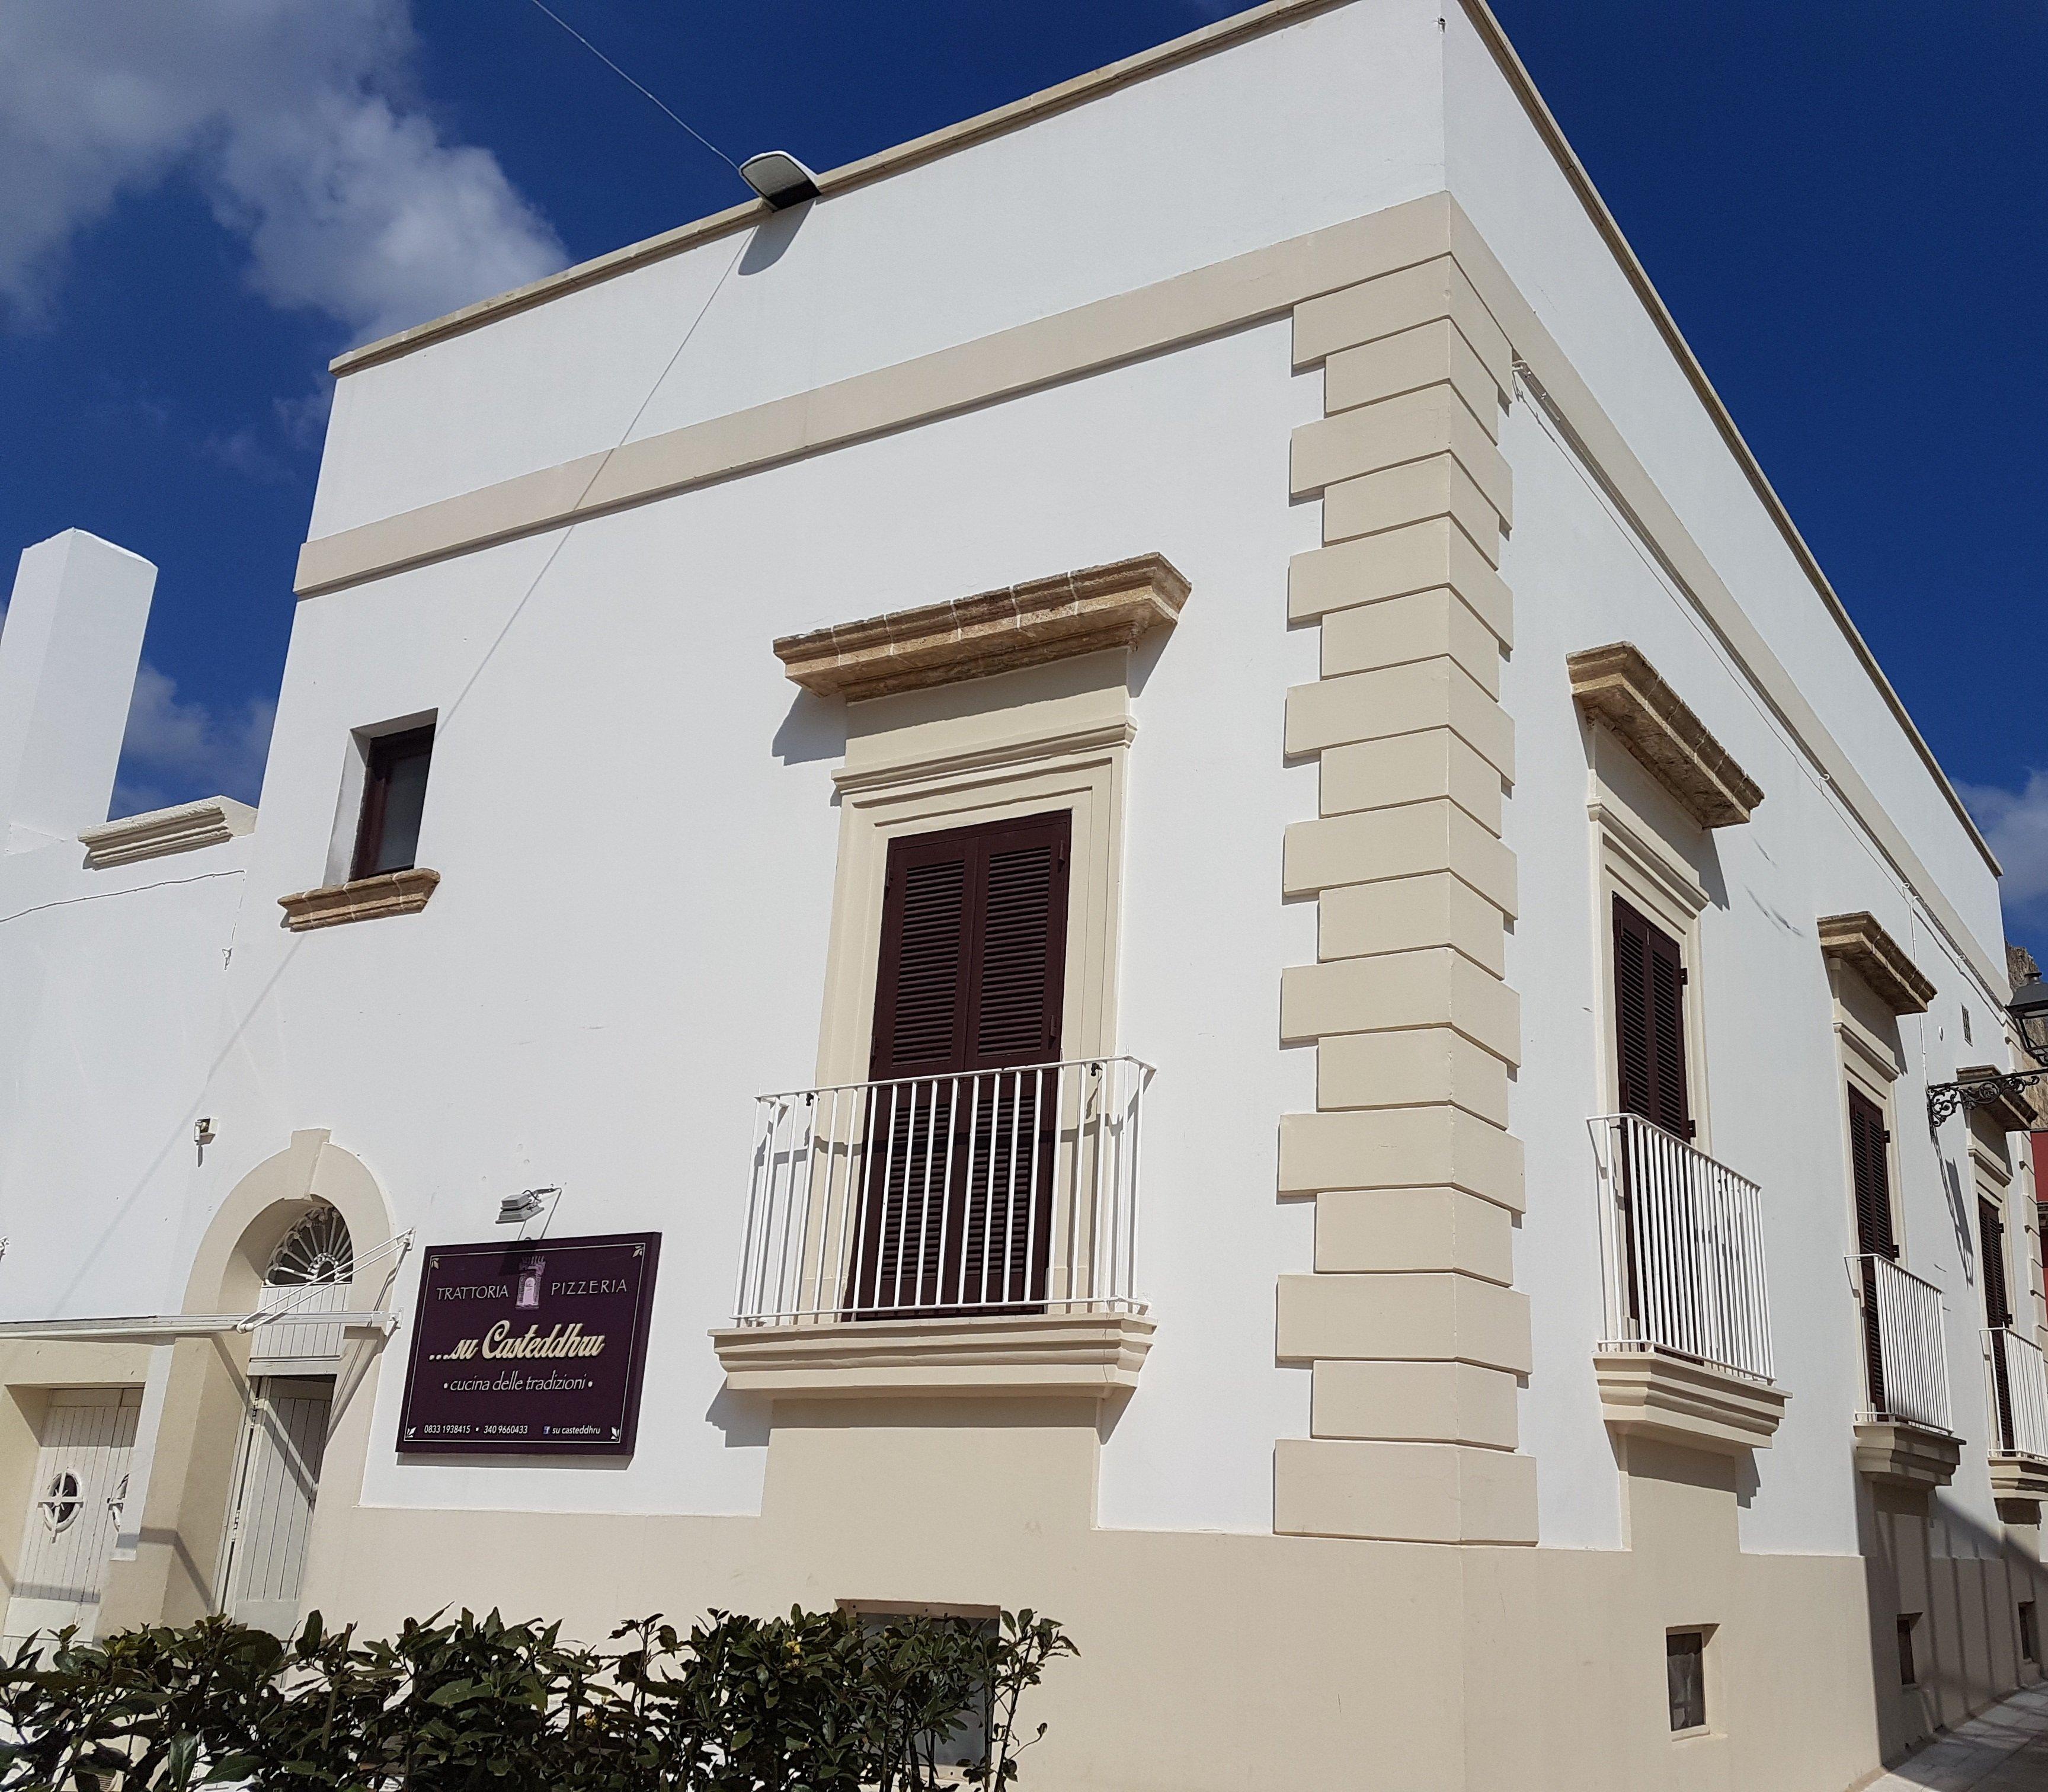 facciata esterna color bianco sporco della  CASTEDDHRU TRATTORIA PIZZERIA